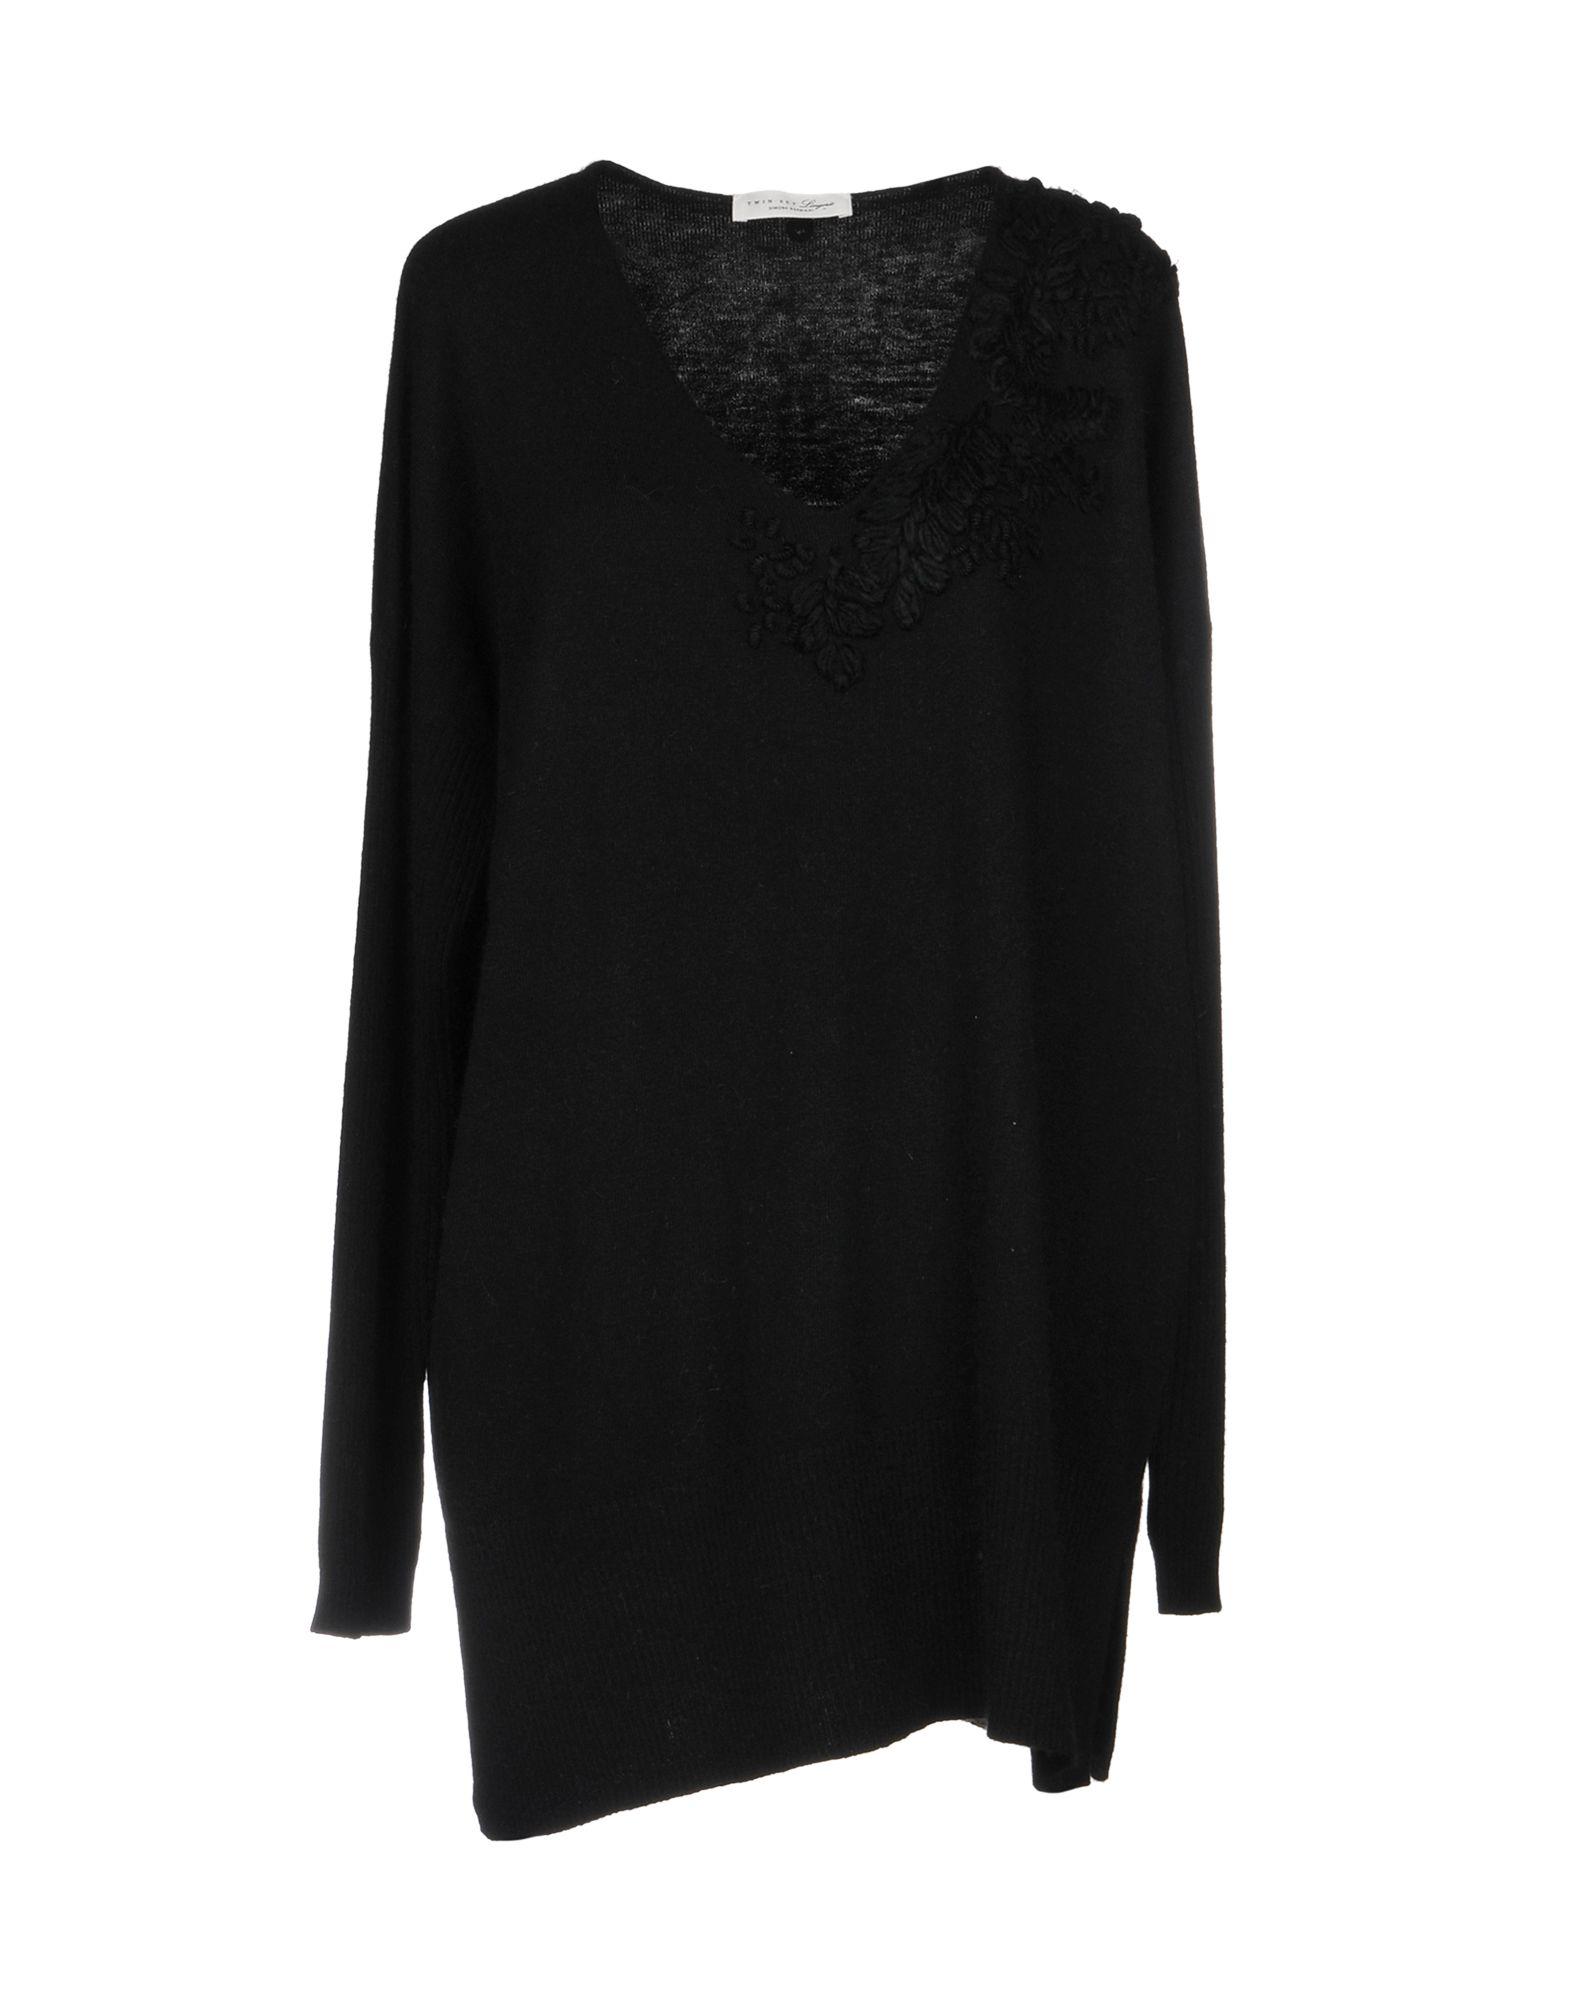 TWIN-SET LINGERIE Свитер black lace details v neck with no falsies lingerie set